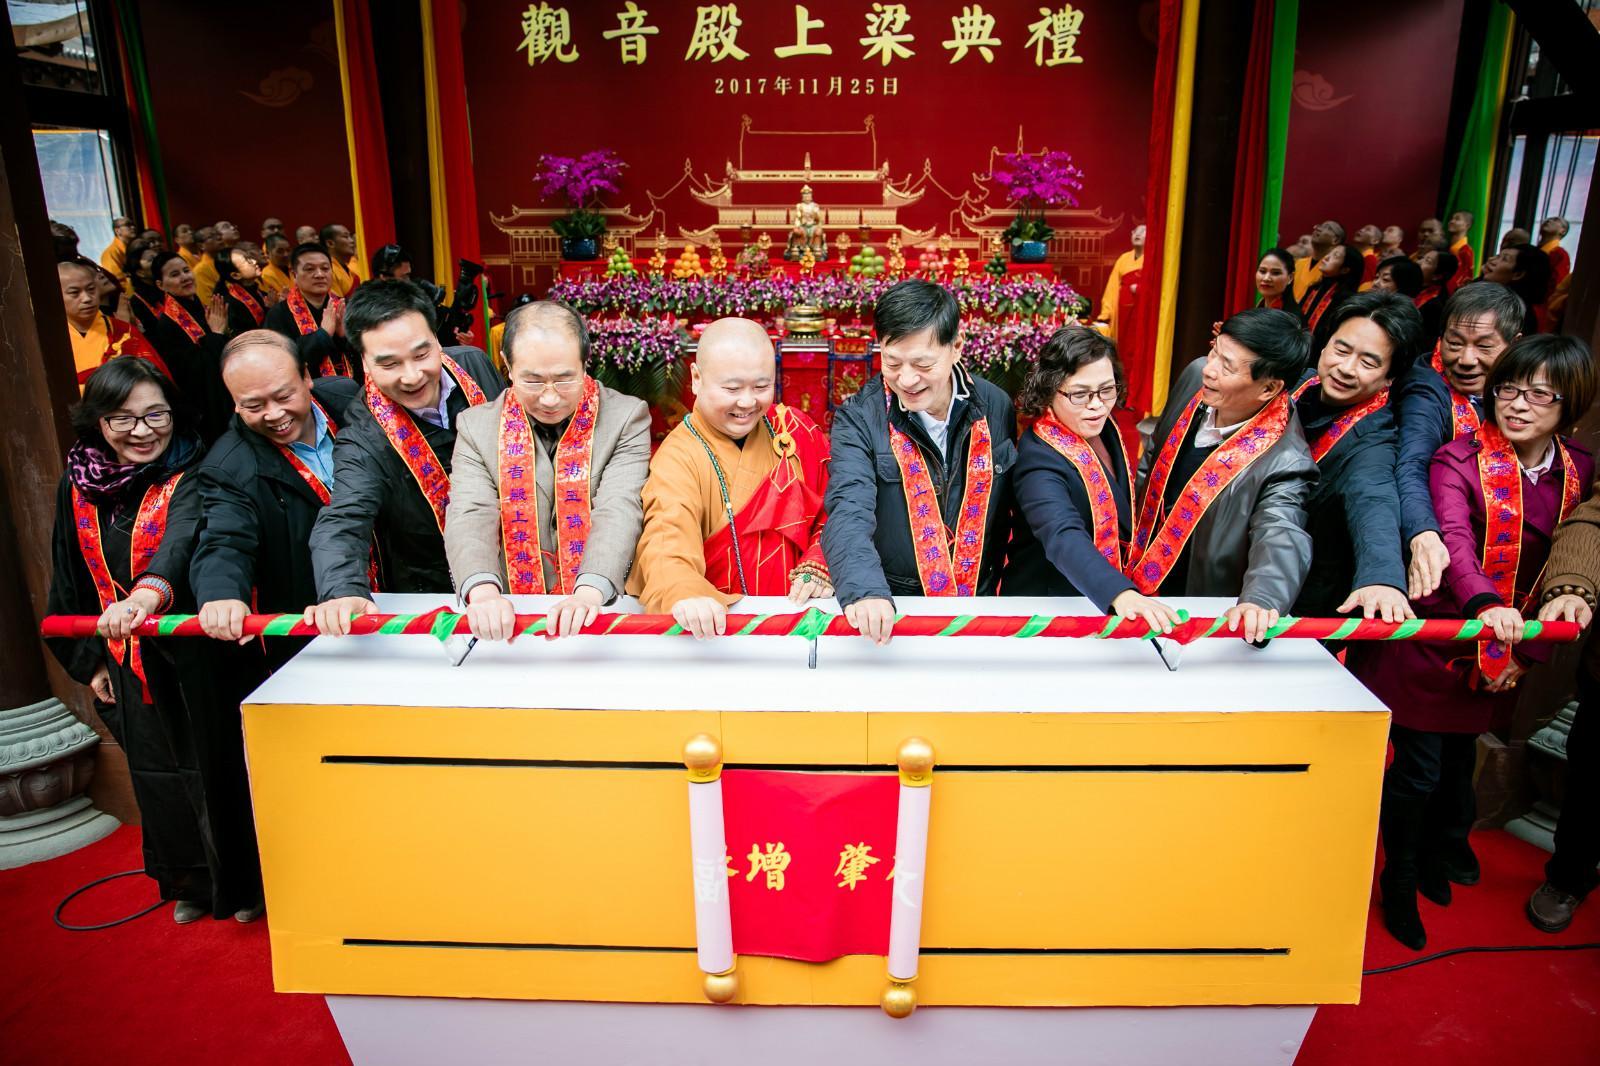 上海玉佛禅寺观音殿上梁典礼隆重举行